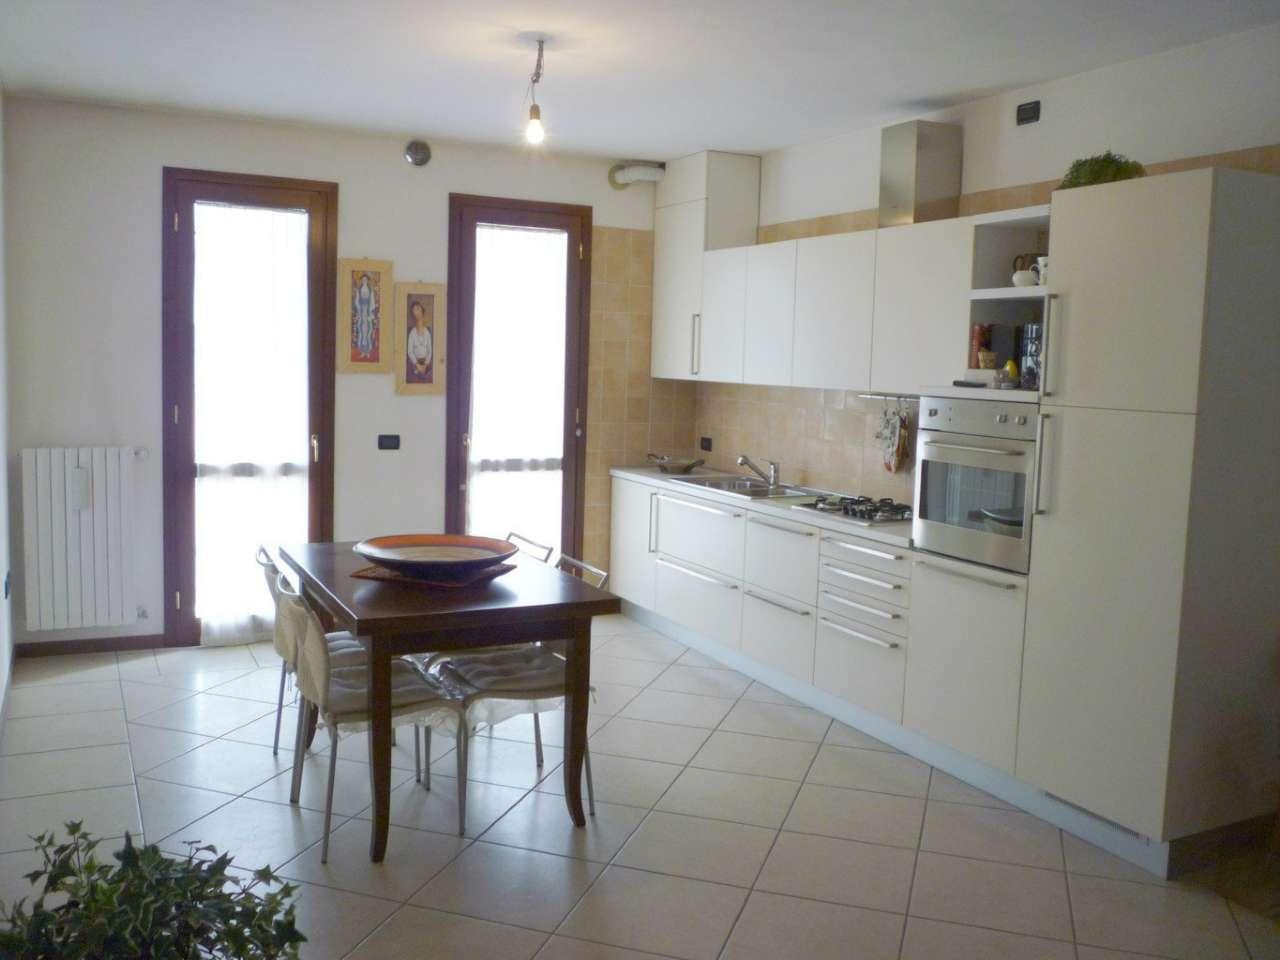 Appartamento in vendita a Vigonovo, 3 locali, prezzo € 93.000 | CambioCasa.it